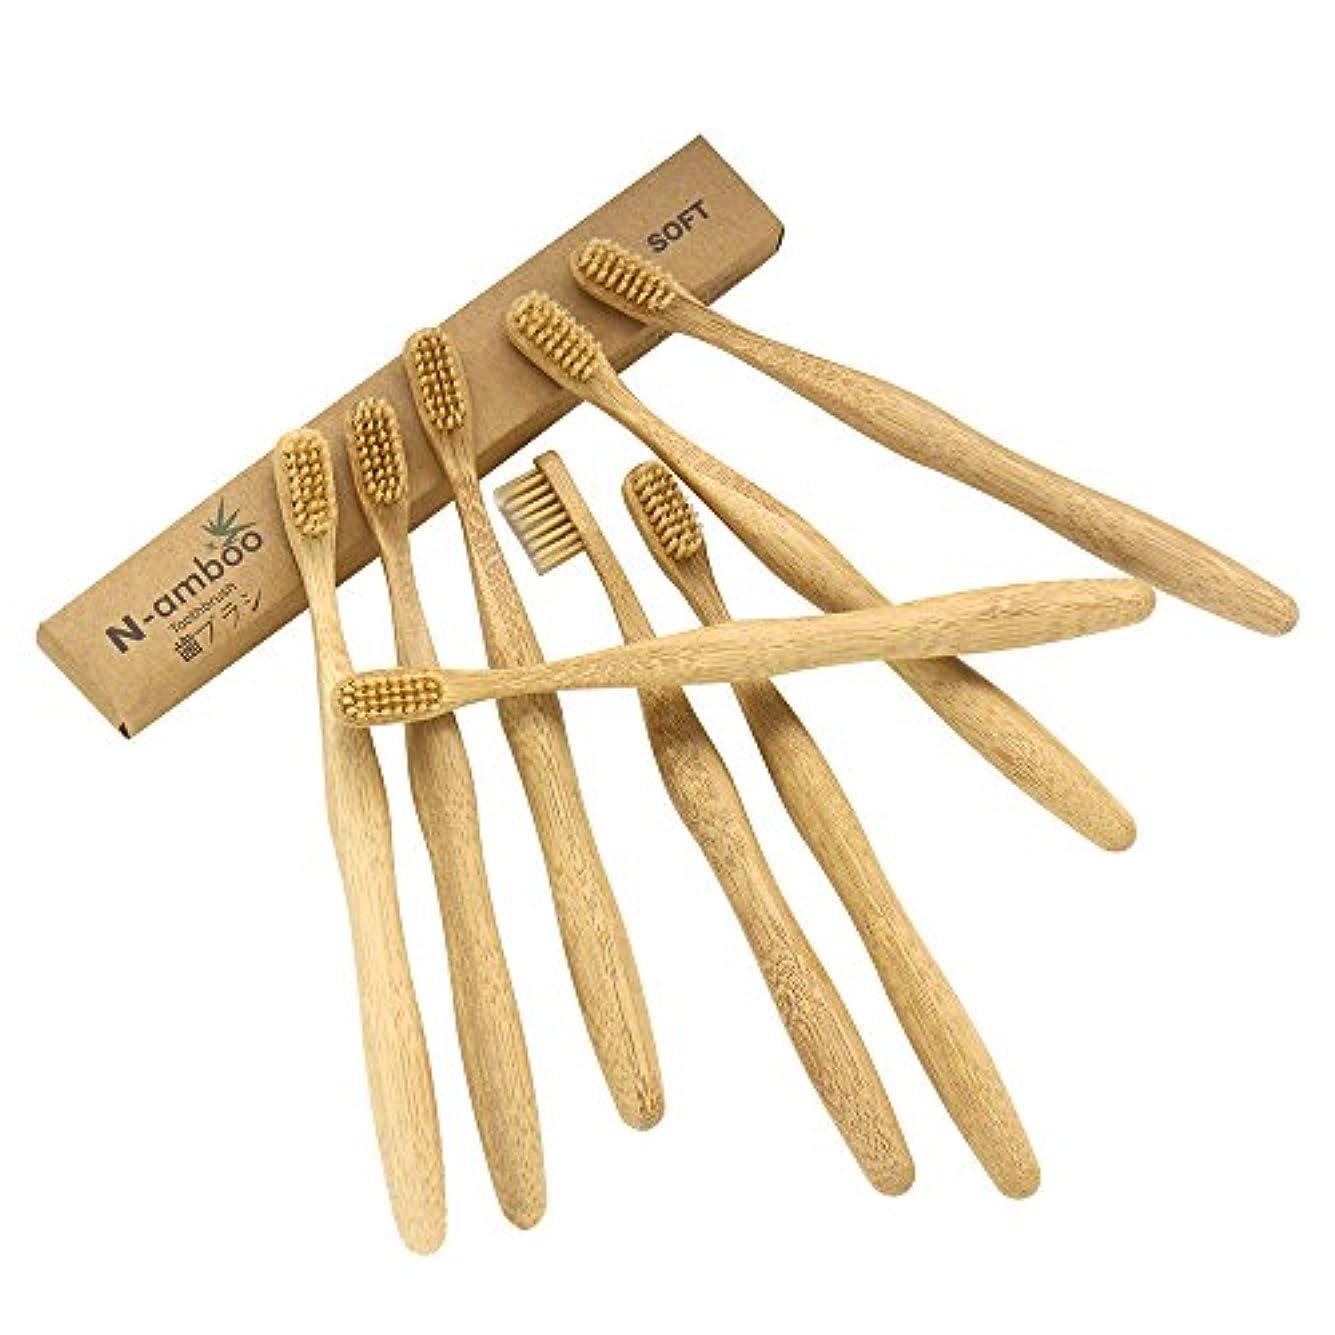 練習したビュッフェ私のN-amboo 竹製耐久度高い 歯ブラシ ベージュ 8本入り セット